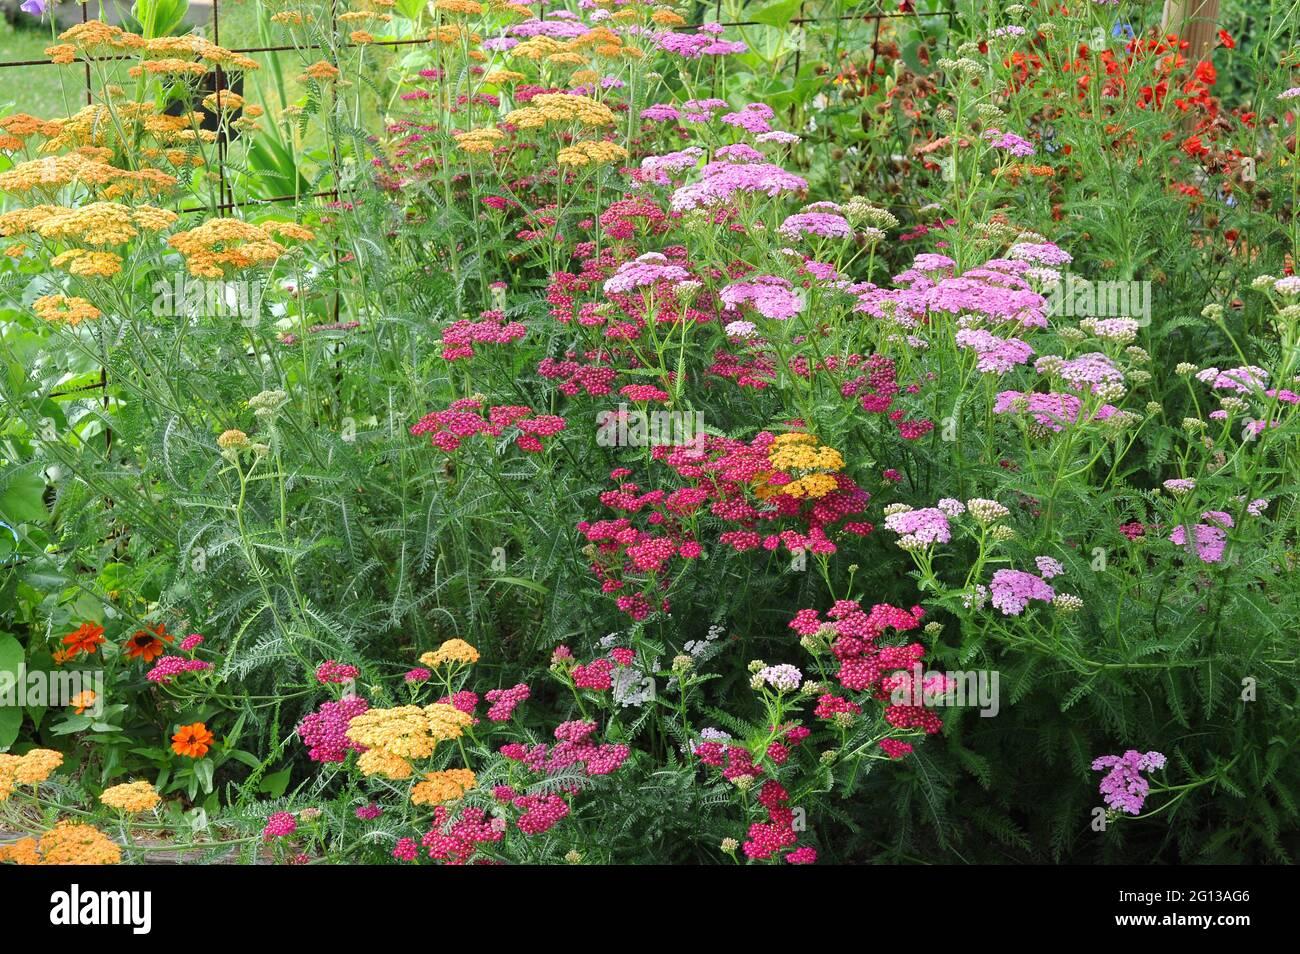 Variedades ornamentales de Yarrow (Achillea millefolium). Yarrow es una planta herbácea perenne nativa de Europa, Asia y Norteamérica. Esta foto era Foto de stock